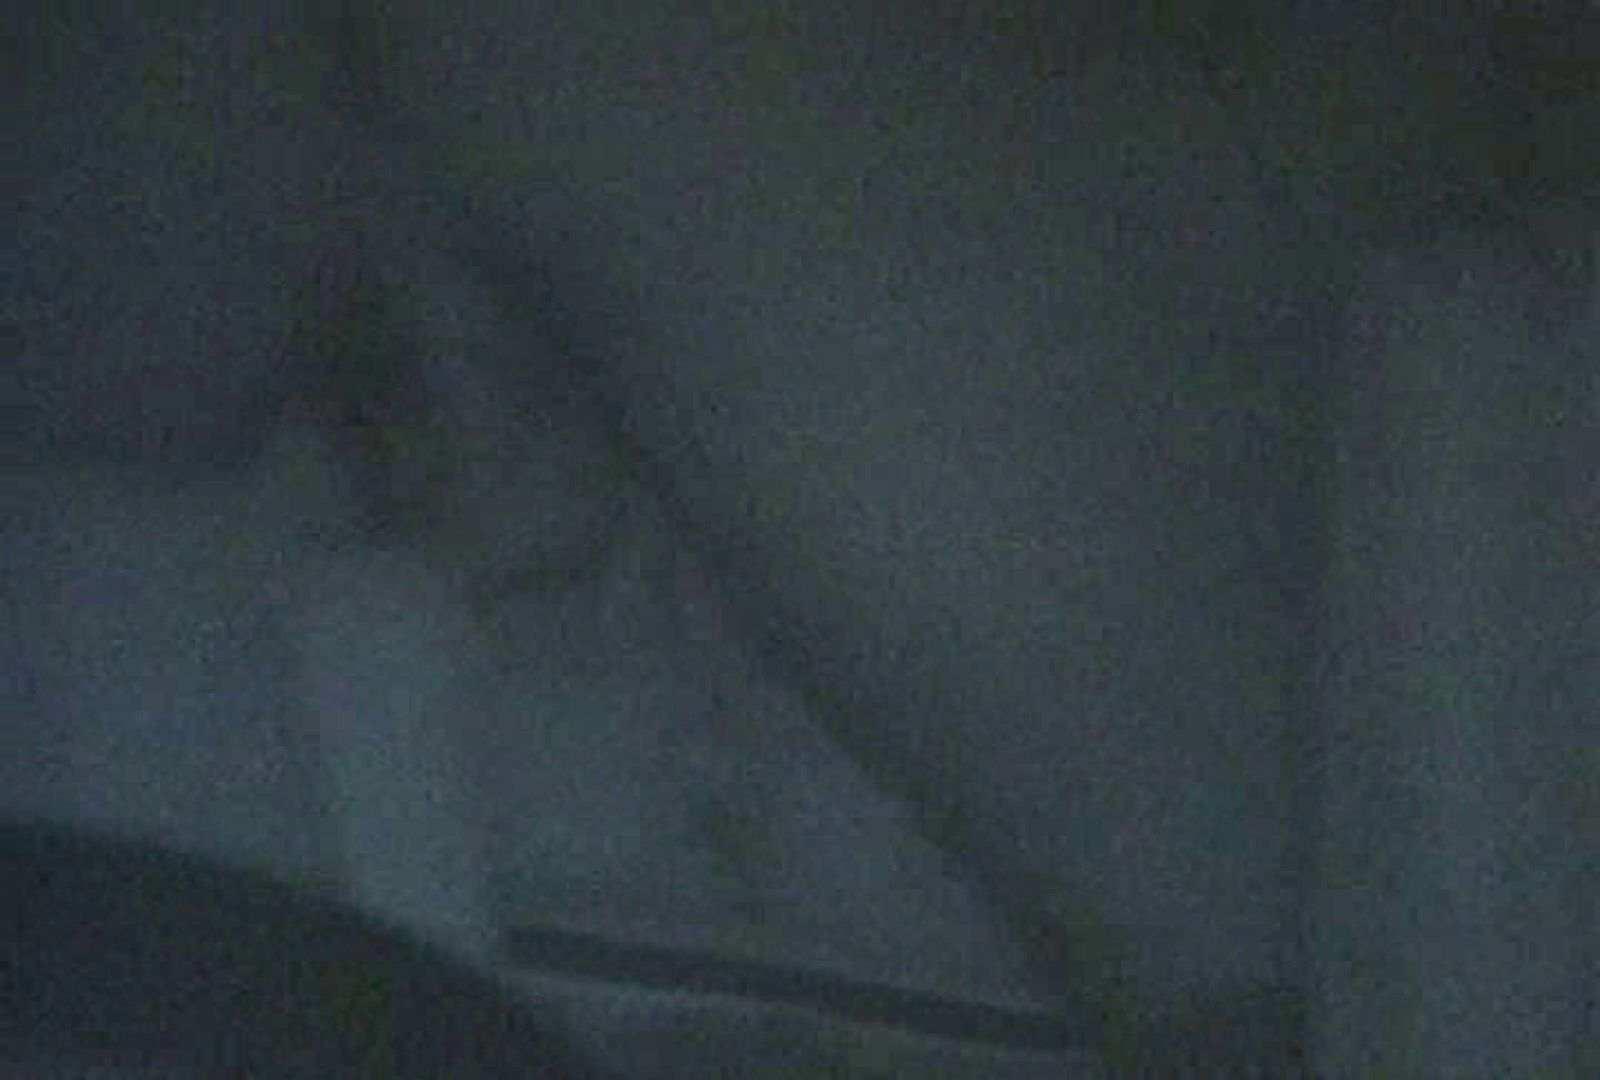 充血監督の深夜の運動会Vol.43 おまんこ おめこ無修正画像 87PIX 86